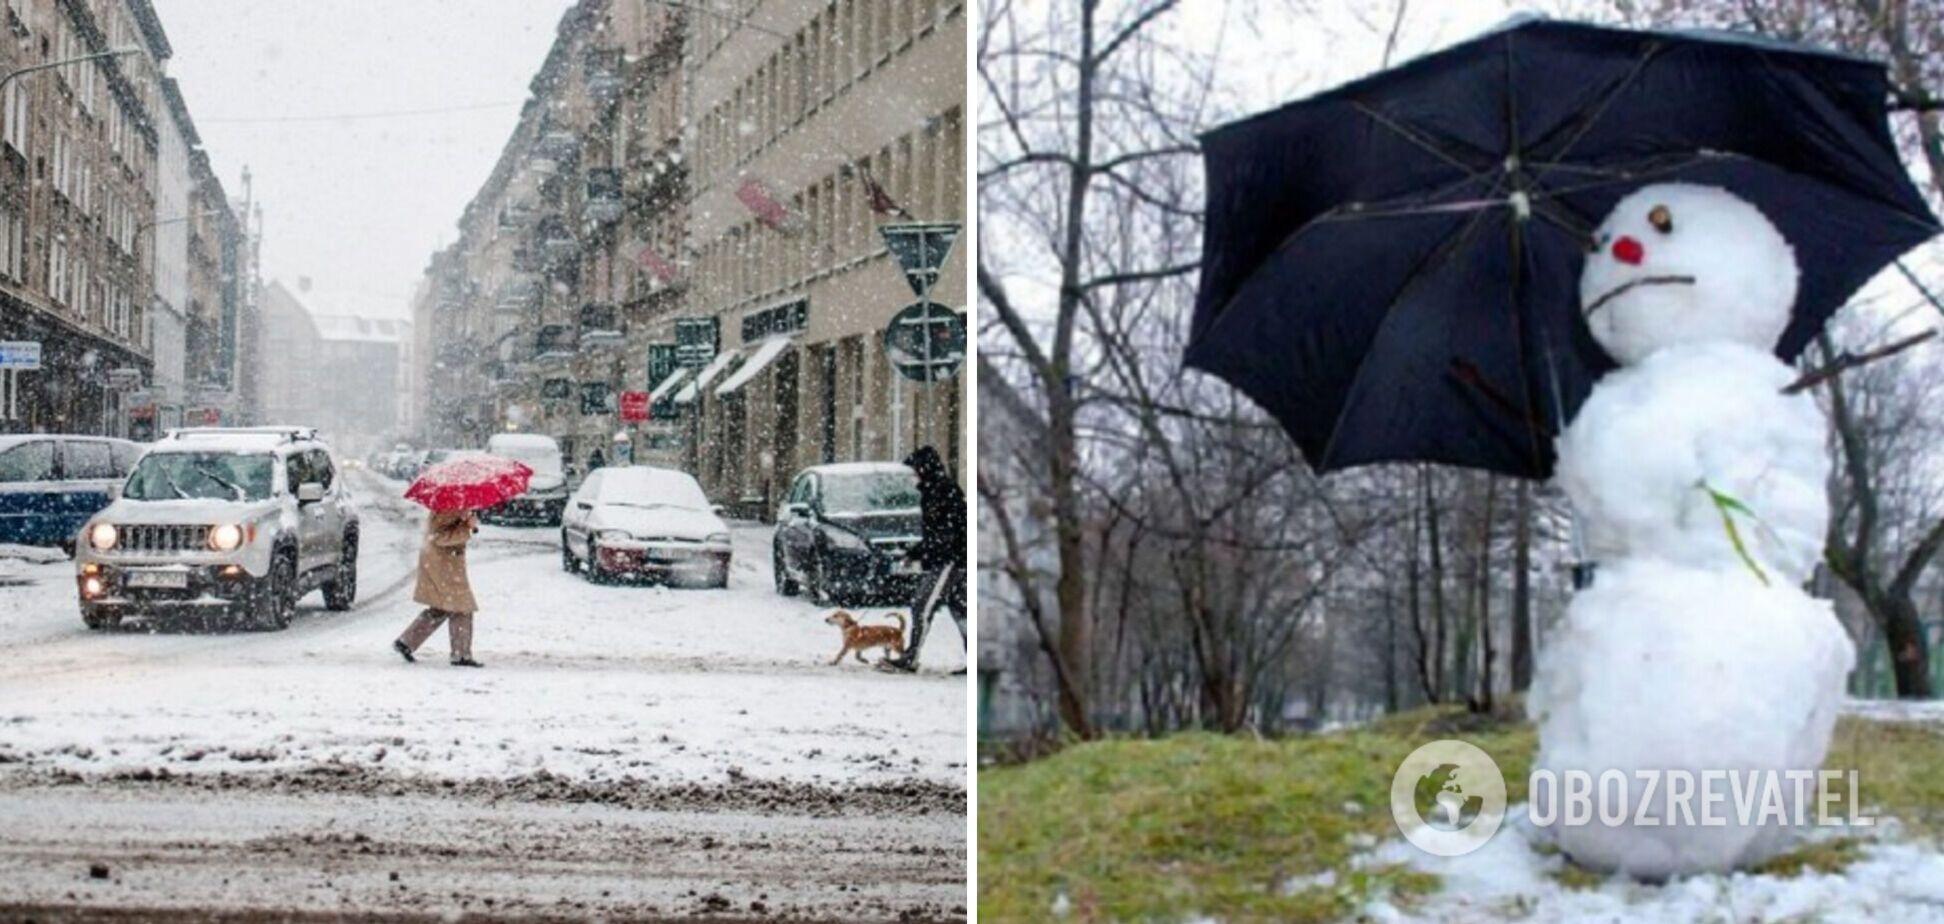 Кількість зимових днів буде зменшуватися: Кульбіда розповів про зміну клімату в Україні